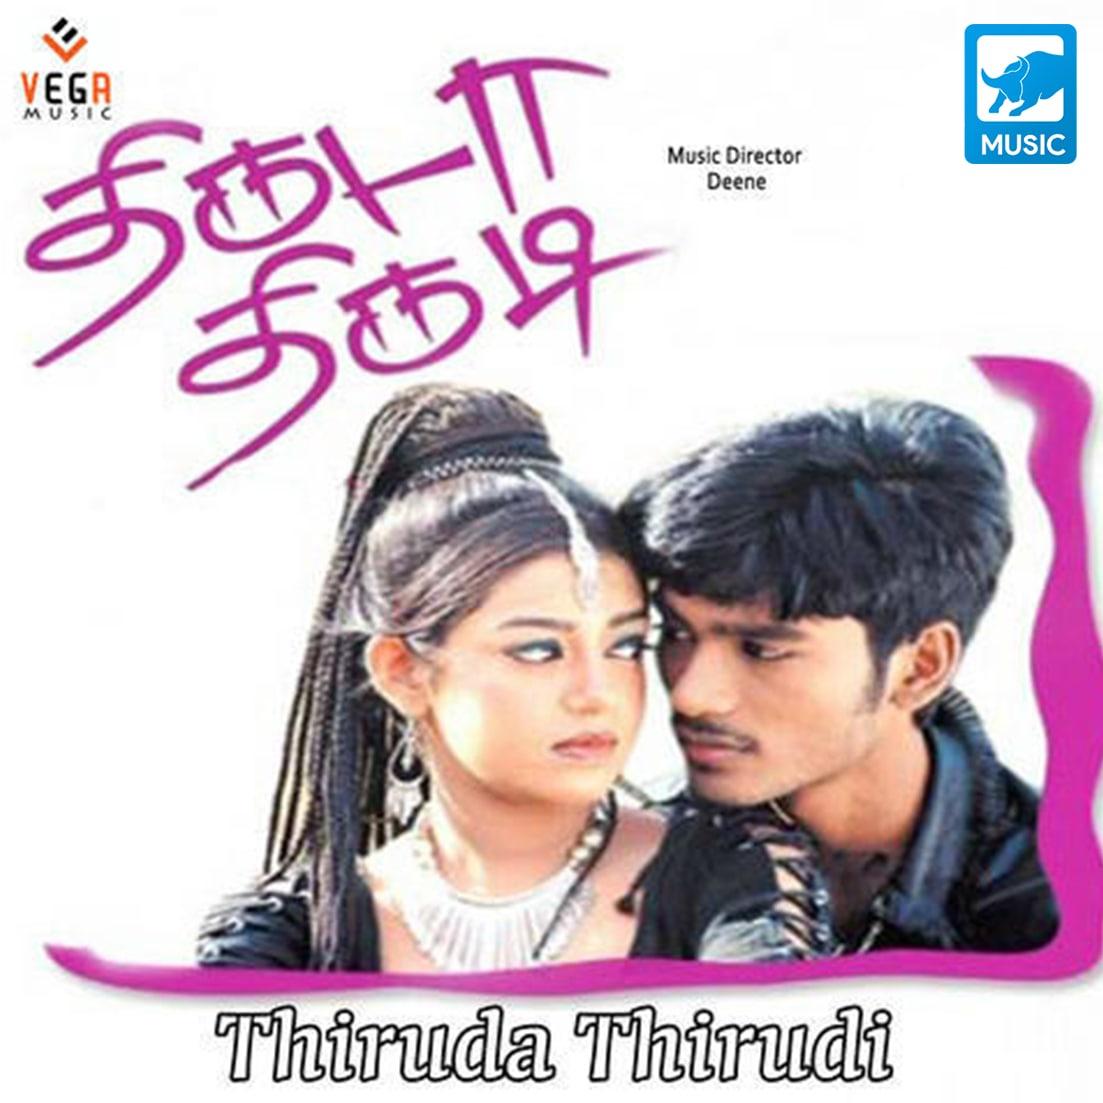 Thiruda THirudi Dhanush New Movie